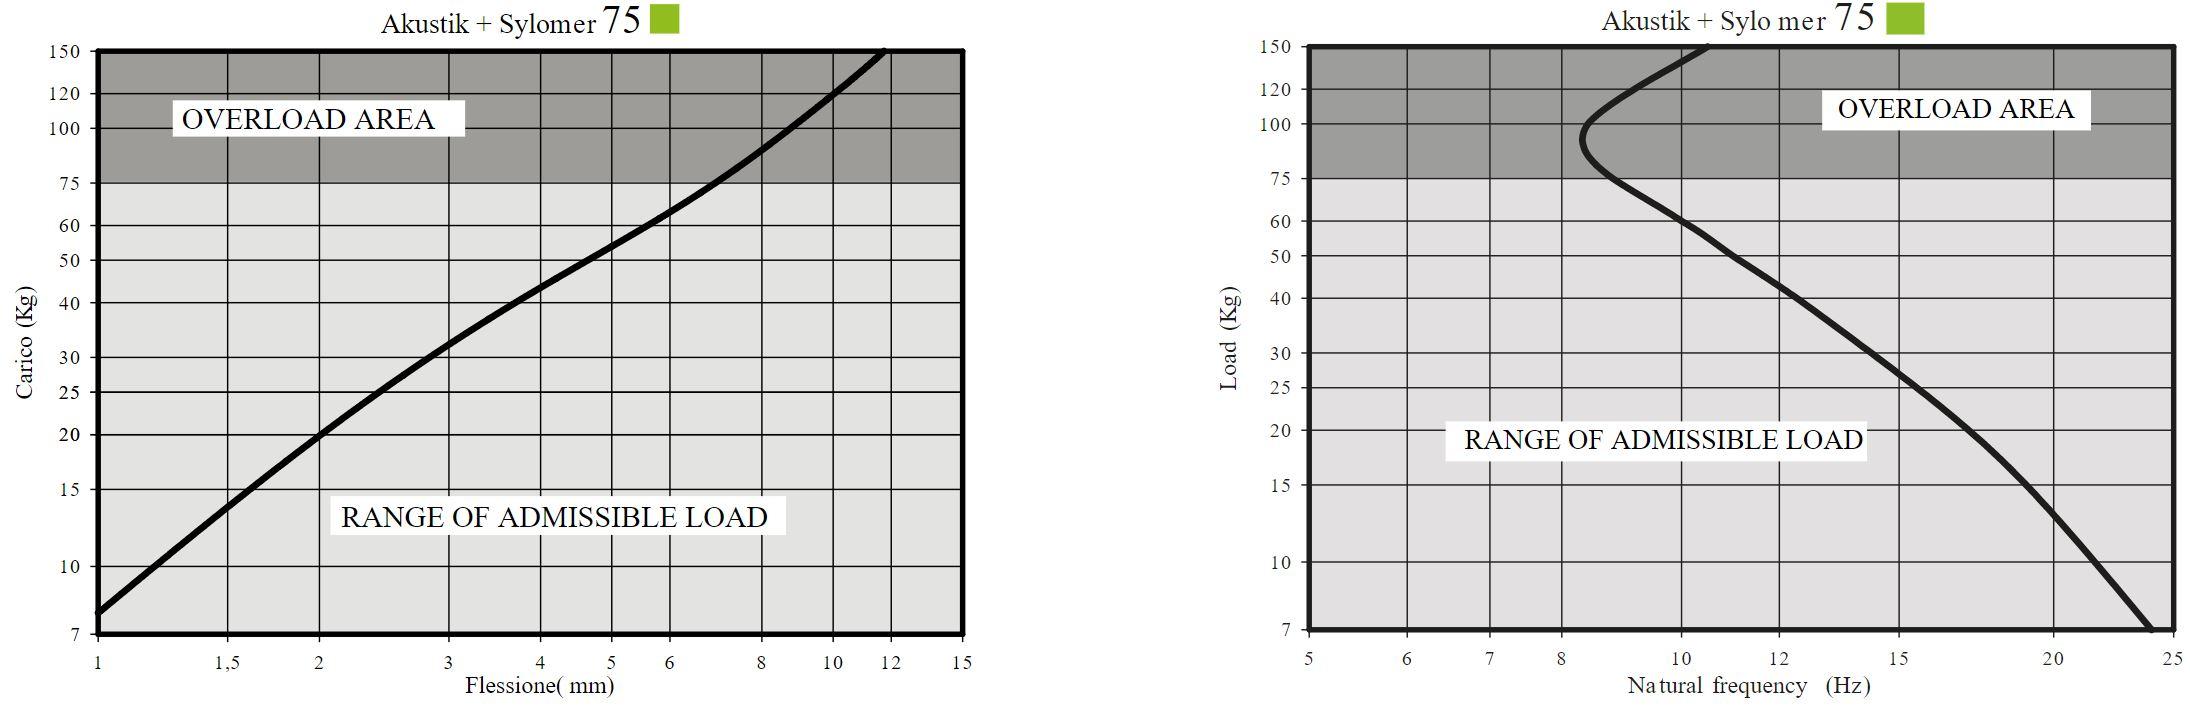 Akustik Super T60 + Sylomer Curve 2